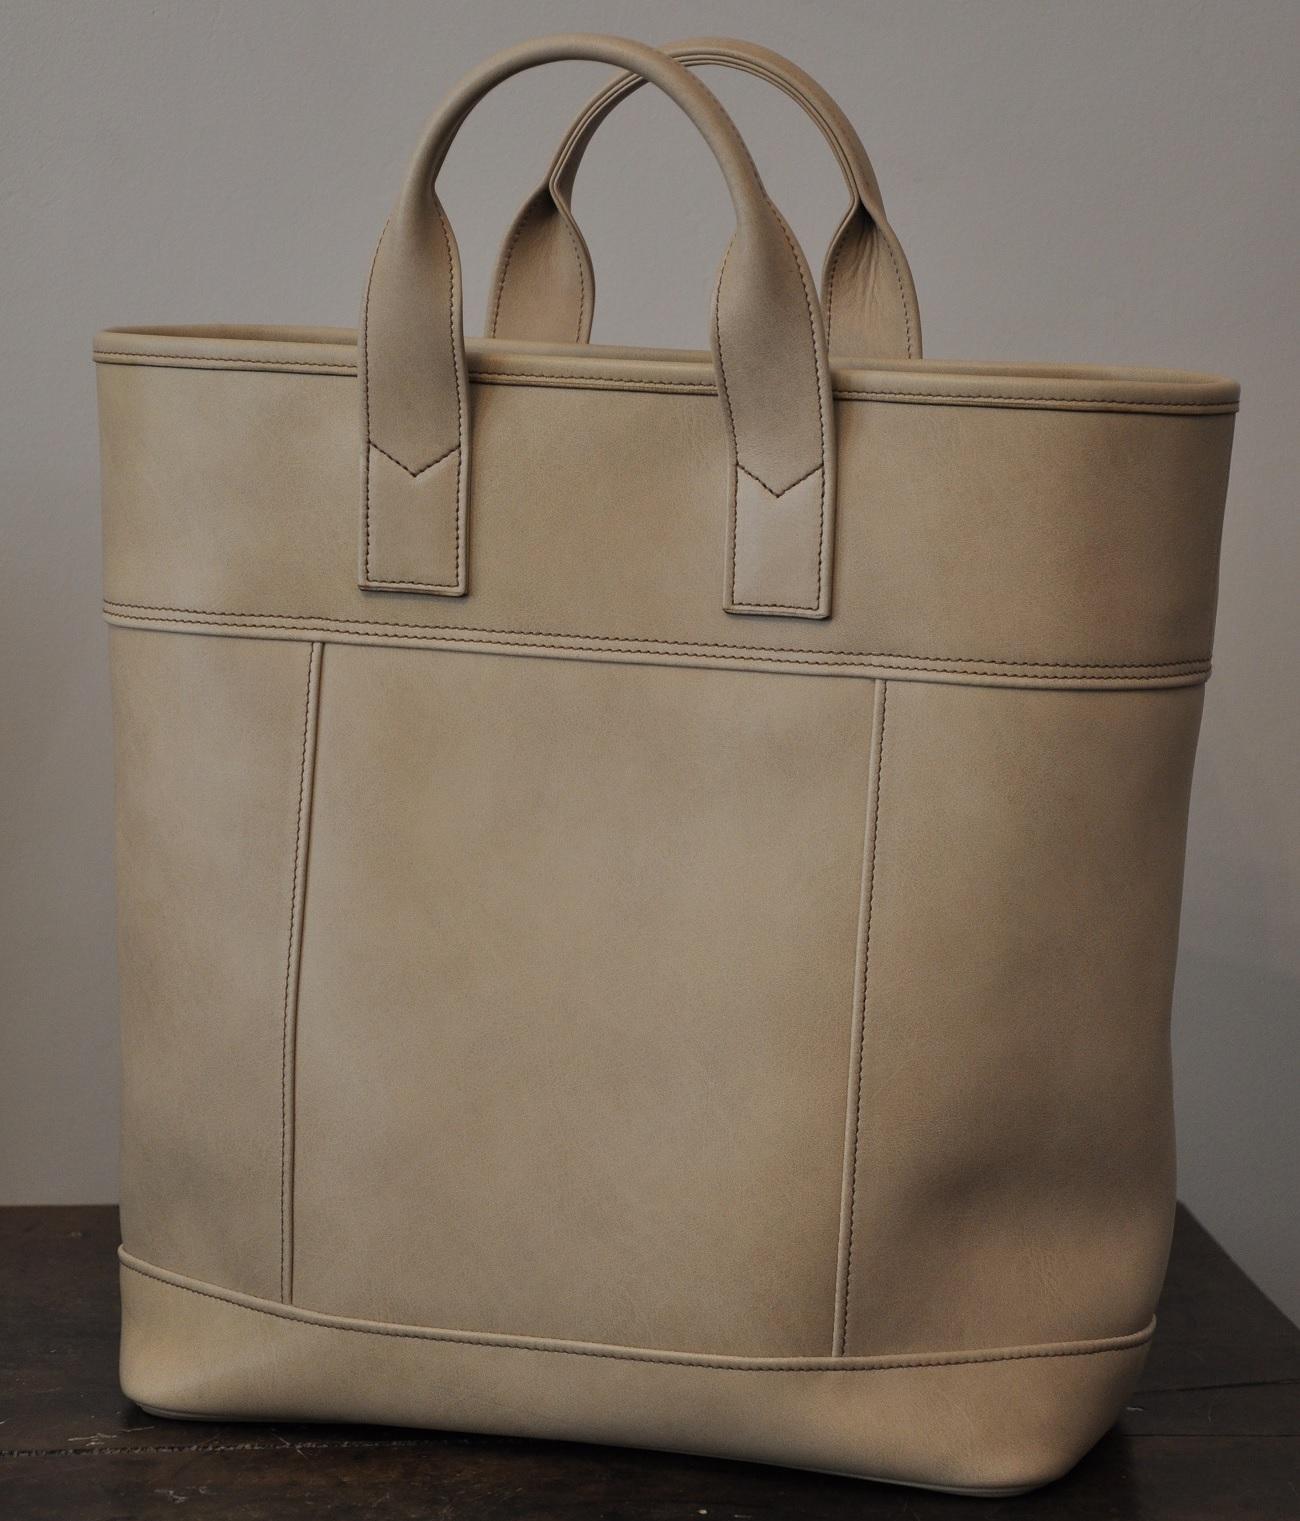 Cabas Augustine en vachette lisse pour femme , doublé en coton marron. Fabrication française de créateurs maroquiniers en France LE NOËN.